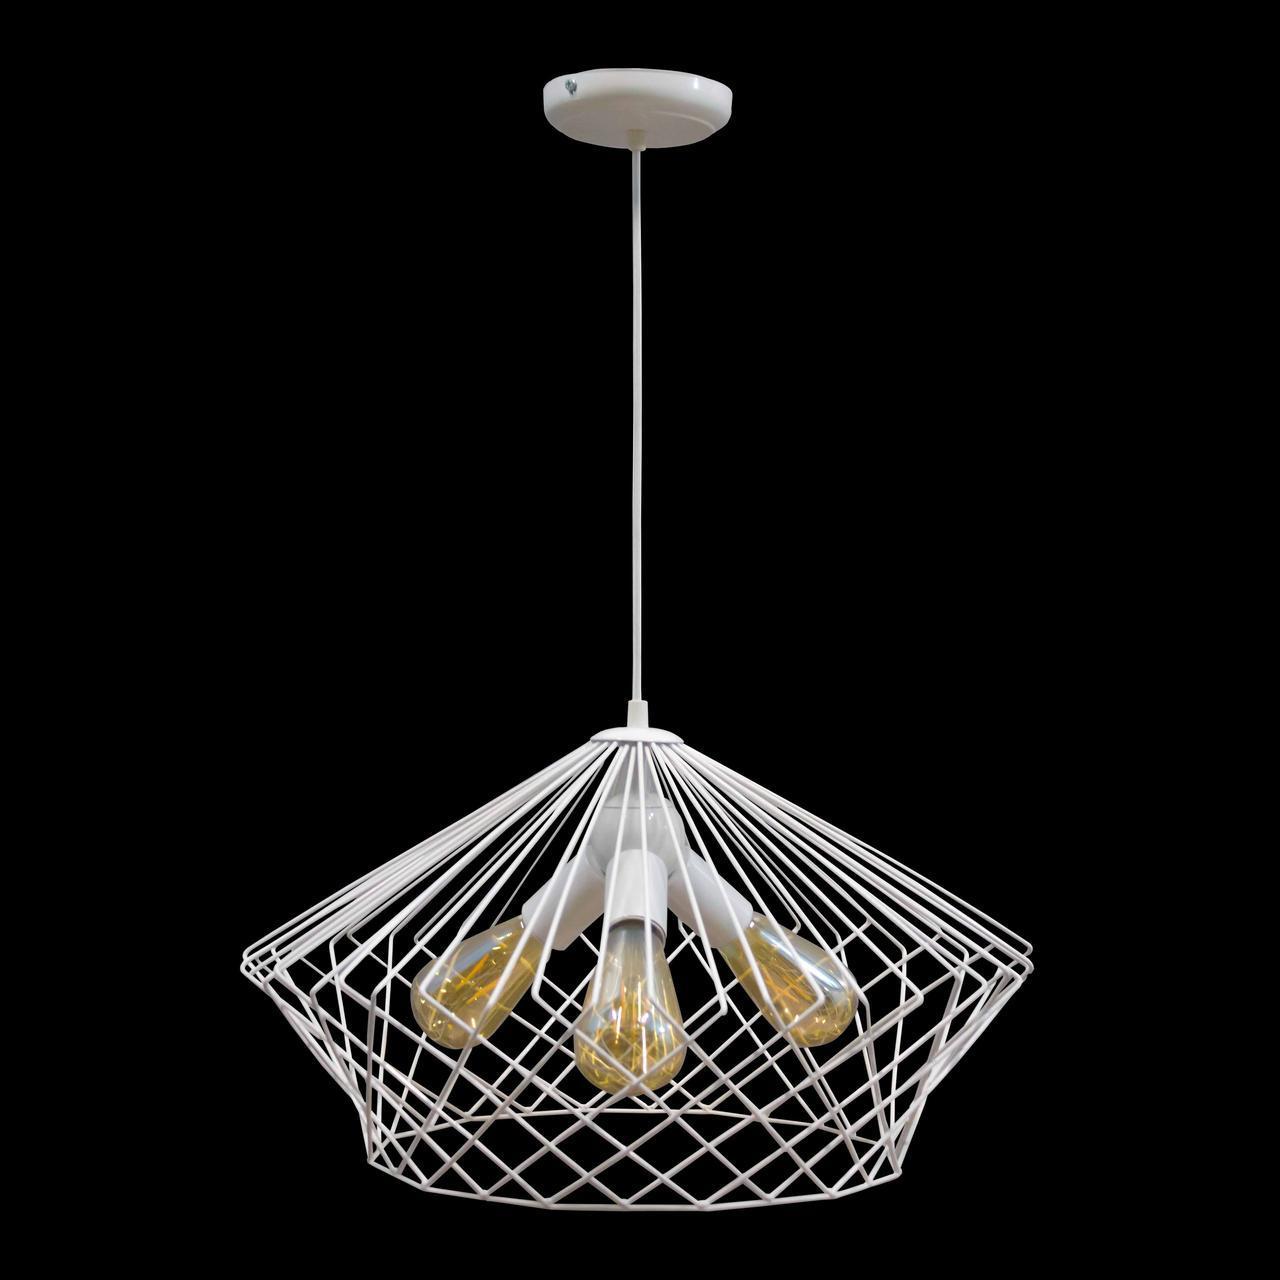 Світильник підвісний в стилі лофт NL 3429-3 W MSK Electric